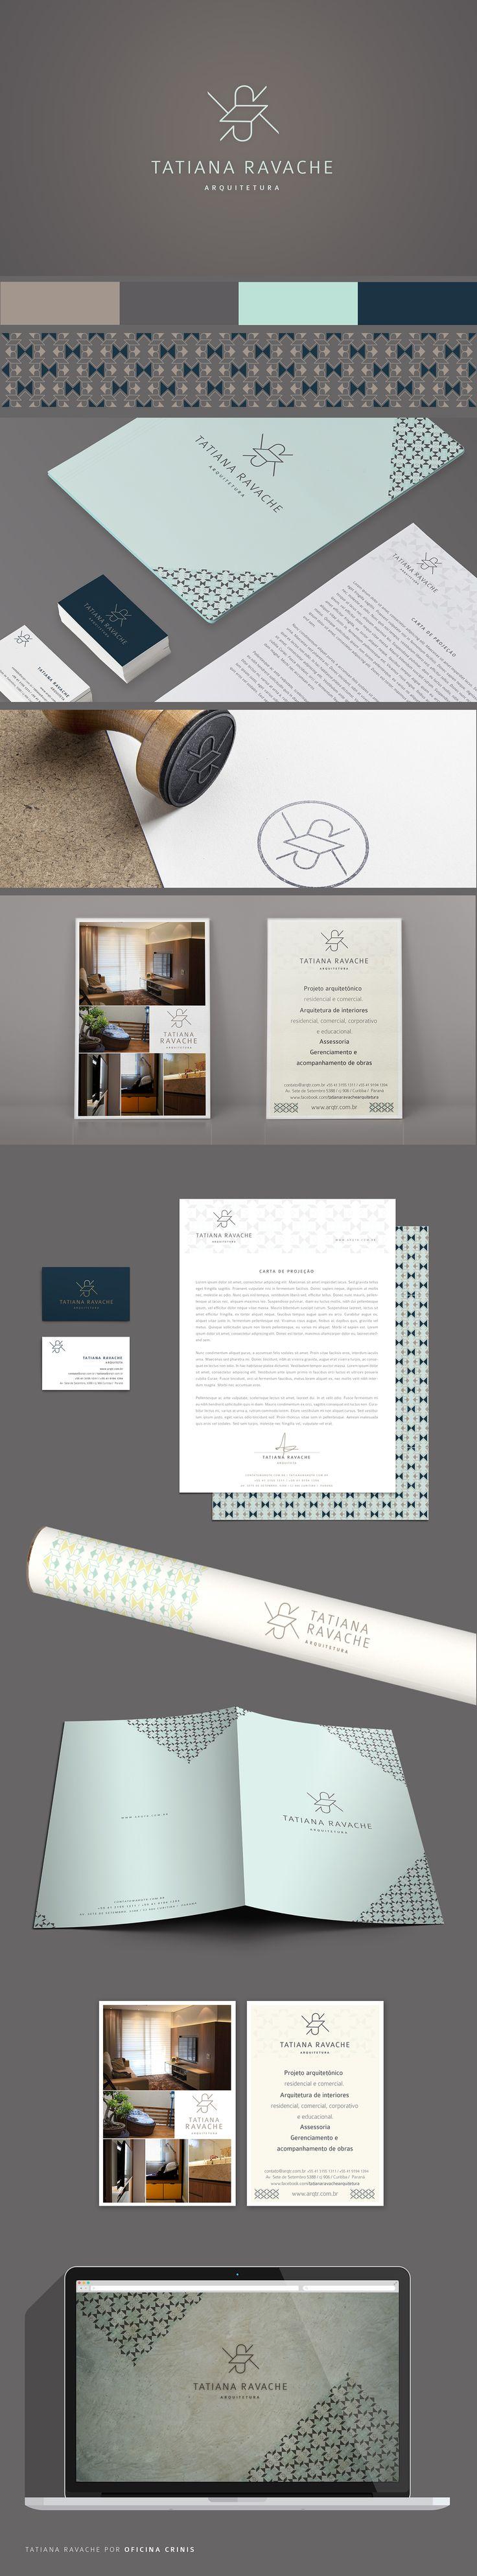 Identidade Visual do escritório Tatiana Ravache Arquitetura. Criado por Oficina Crinis | Arquitetura e Design Mais